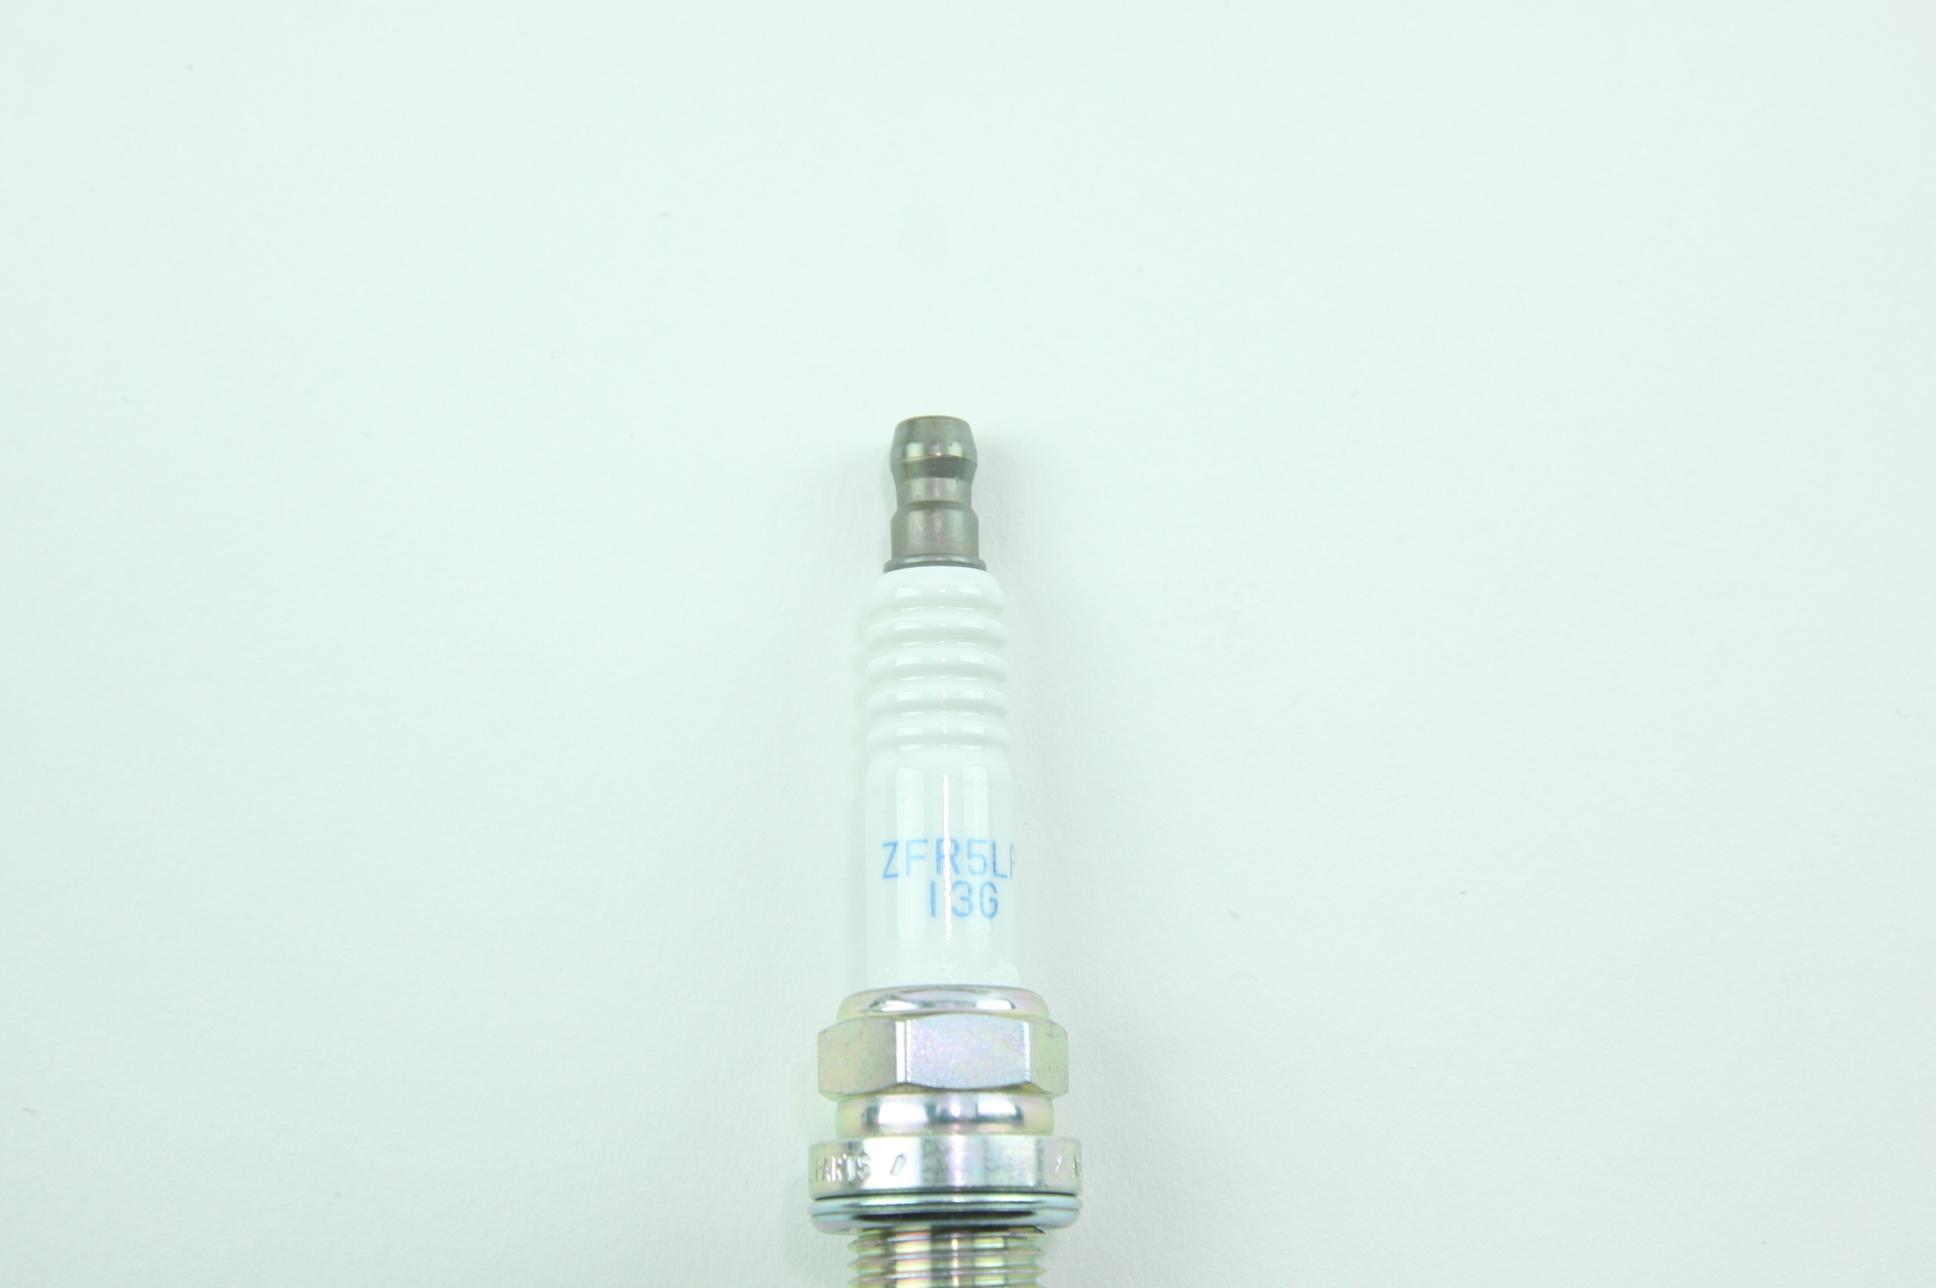 Set of 10 New NGK 7781 Premium Spark Plug Laser Platinum ZFR5LP13G Free Shipping - image 5